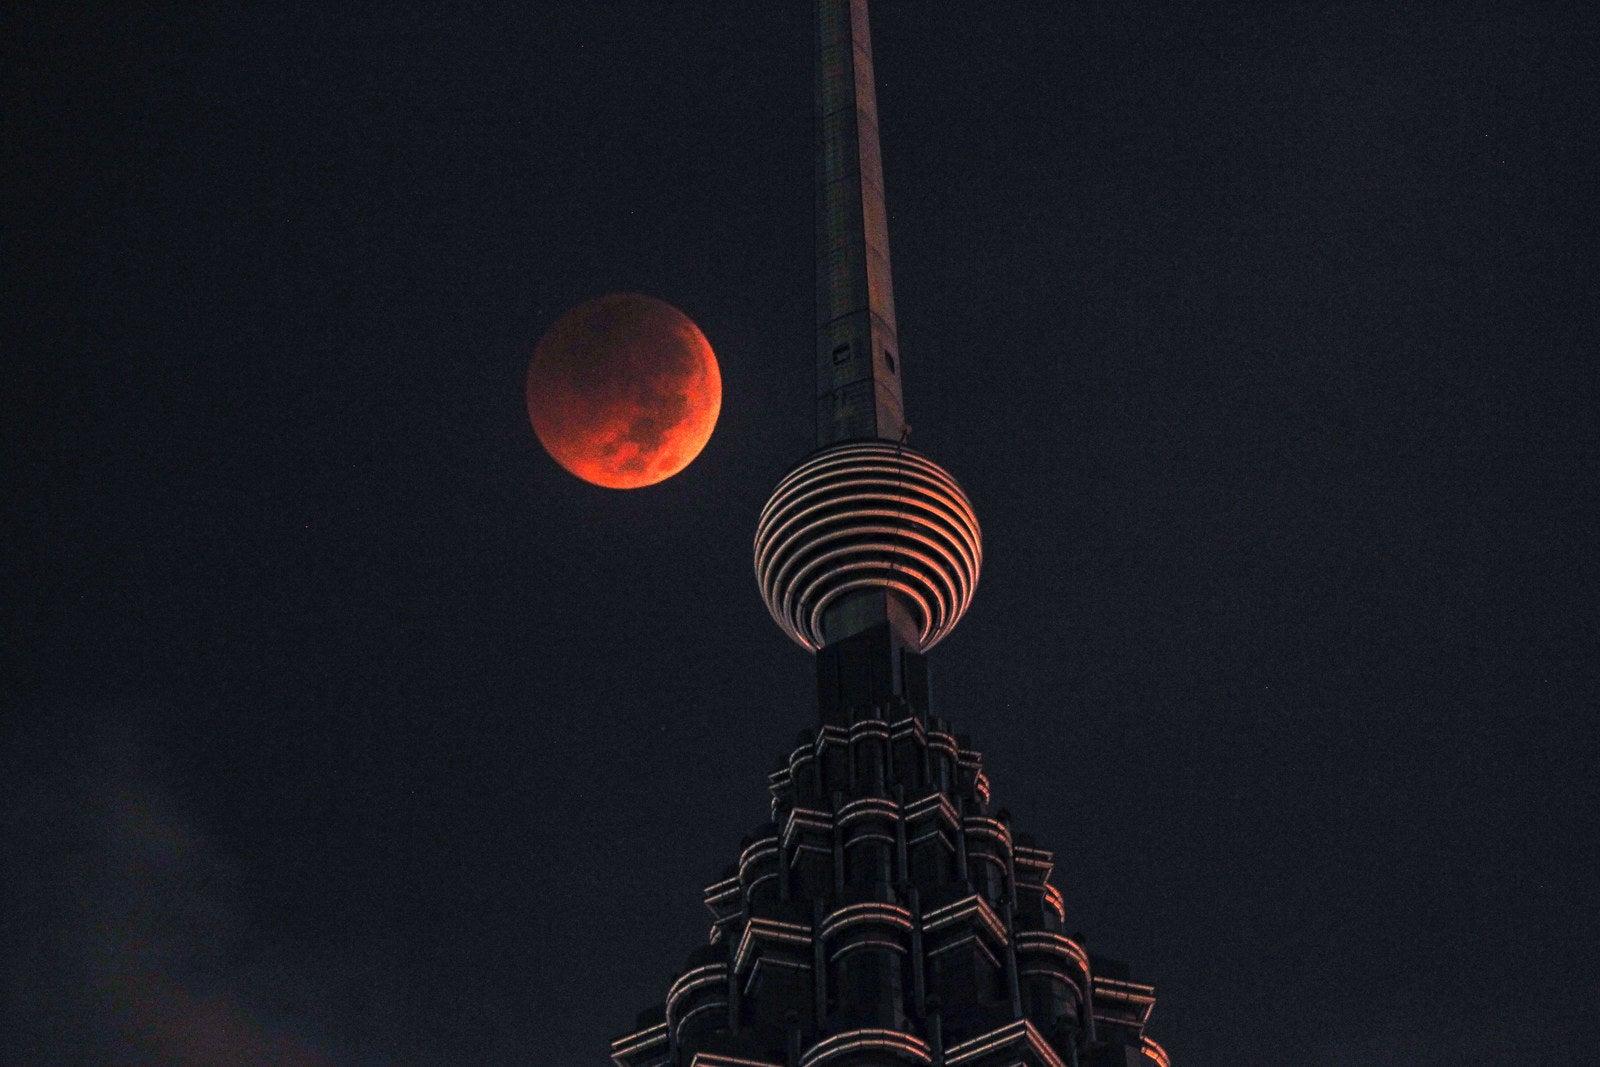 The blood moon is seen above Petronas Twin Tower in Kuala Lumpur, Malaysia.